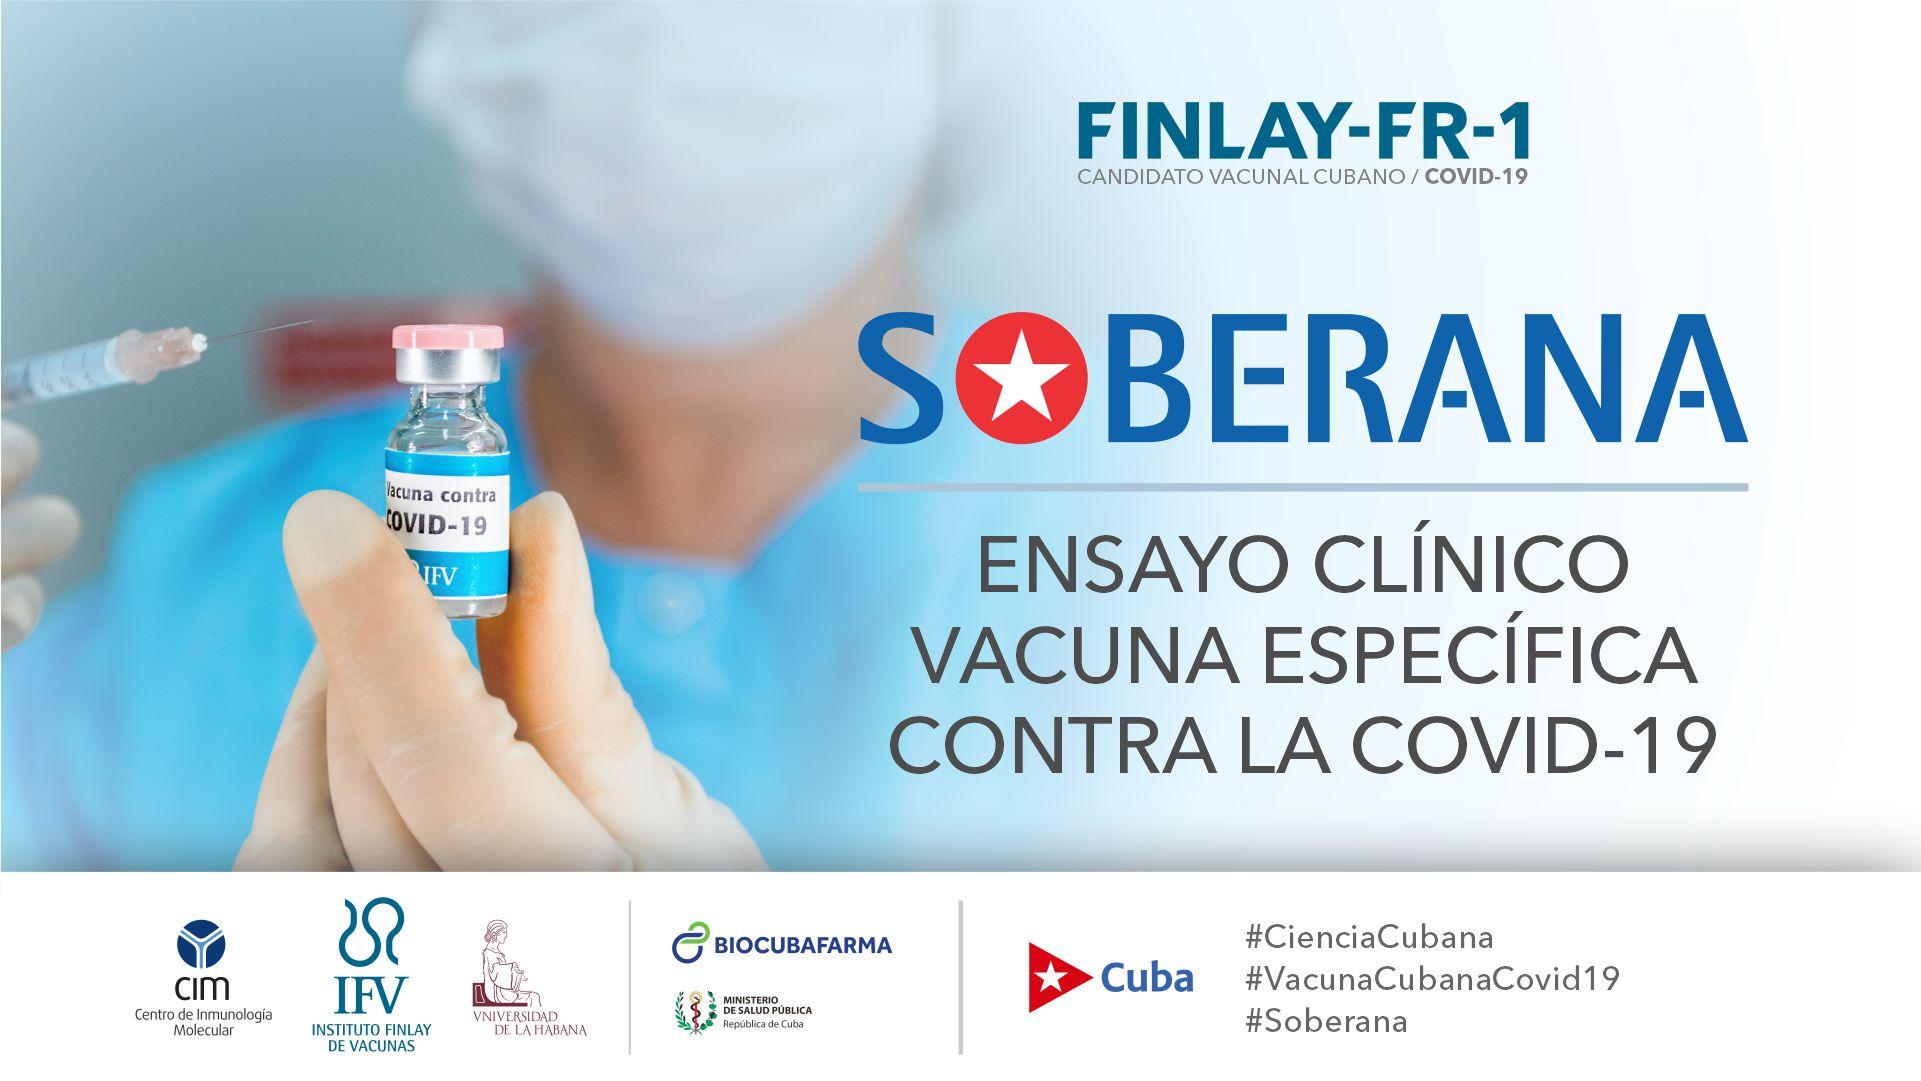 Recomiendan en Cuba mantener cuidados durante ensayo vacunal